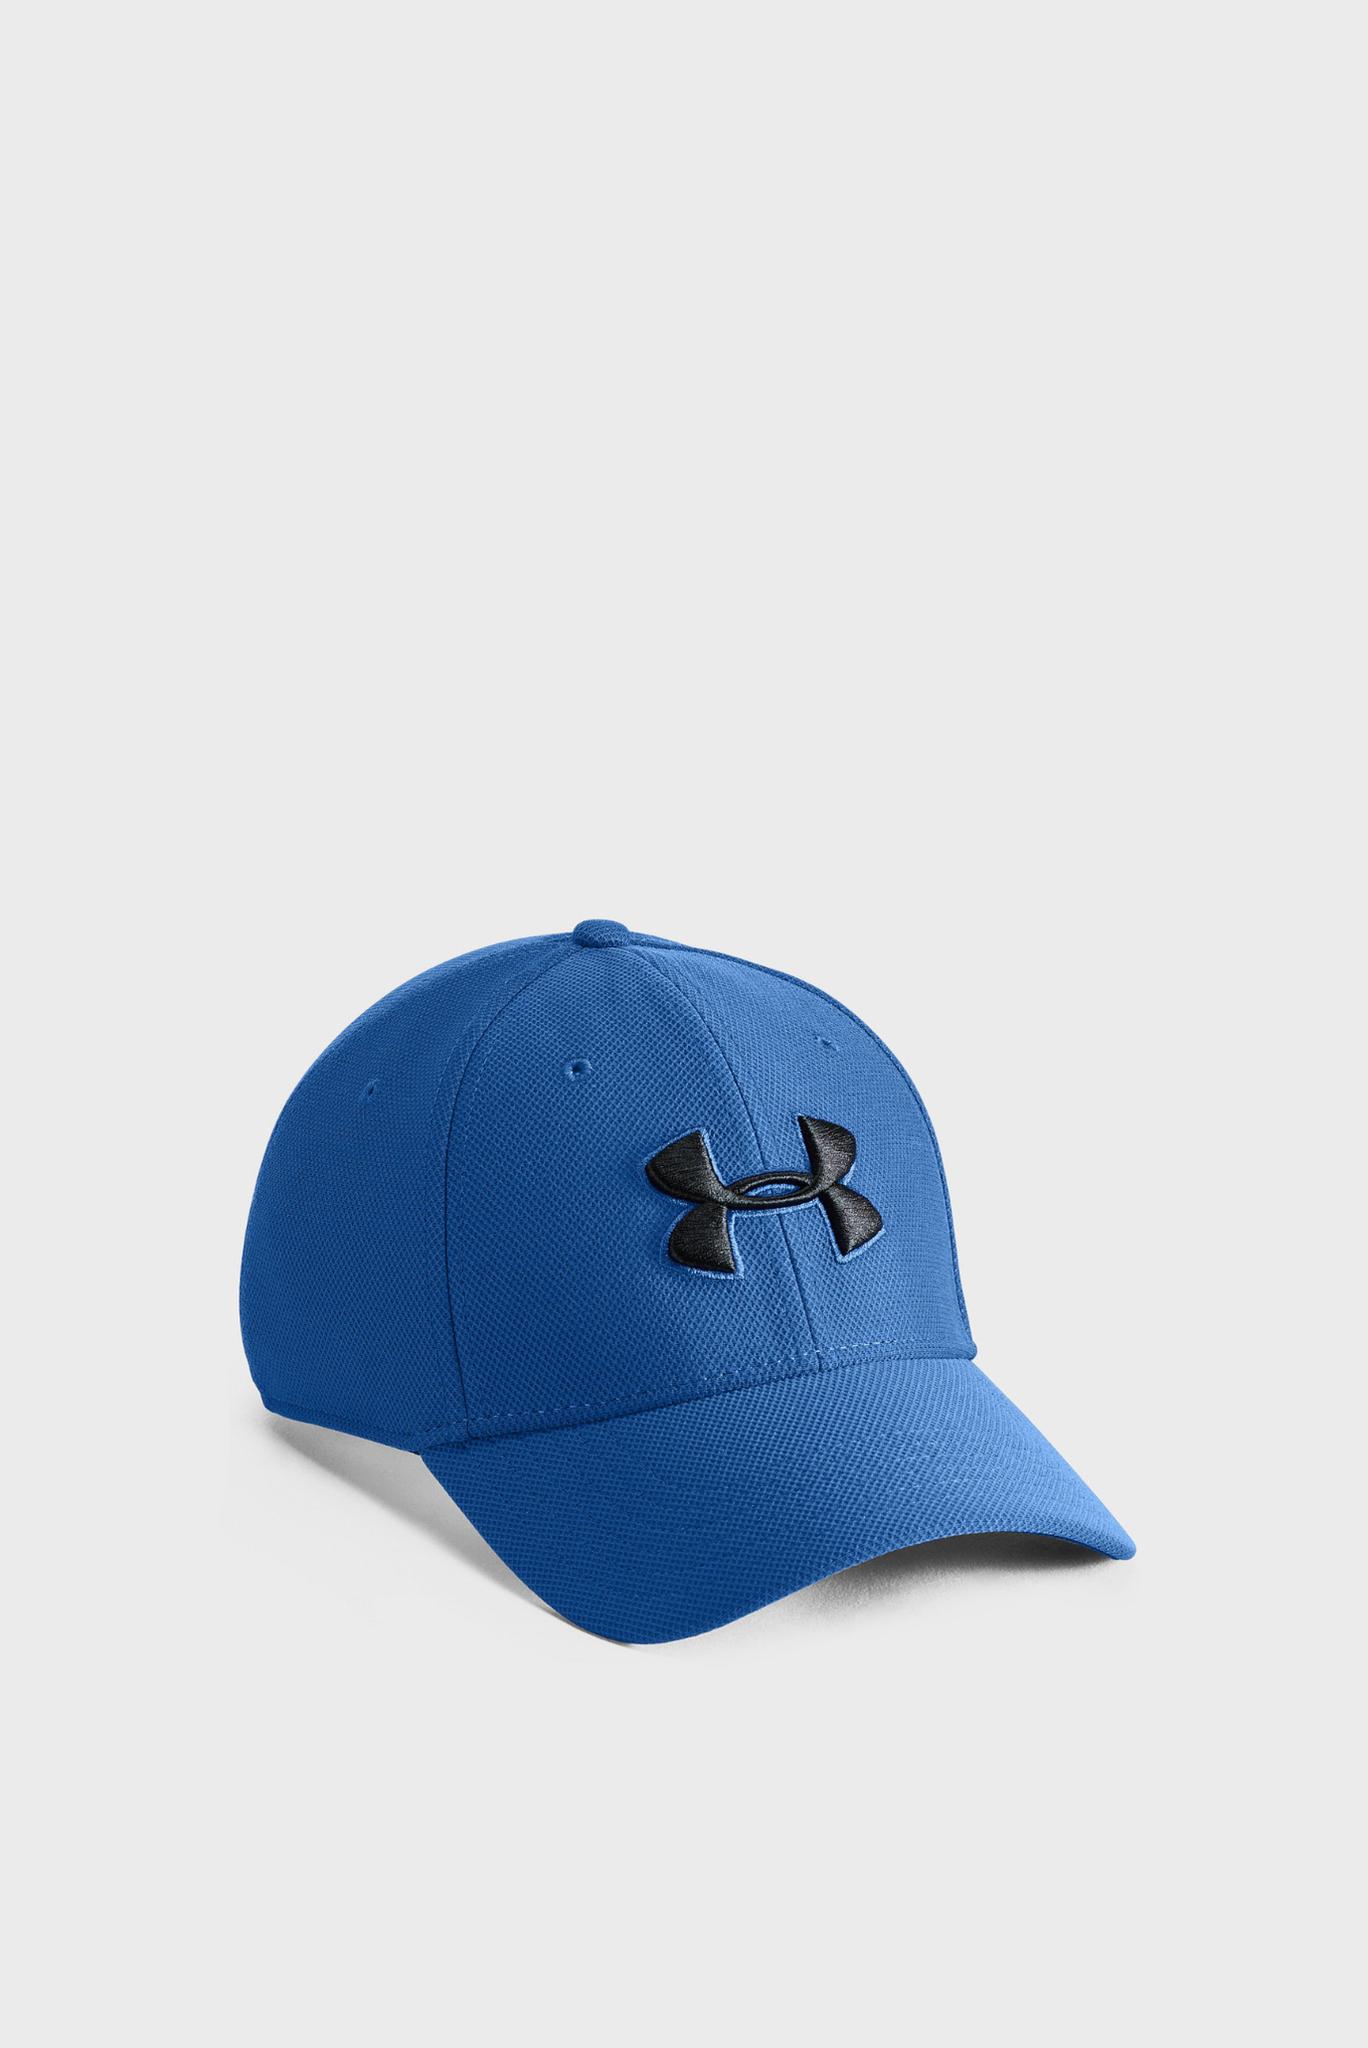 Мужская синяя кепка Men's Blitzing 3.0 Cap Under Armour